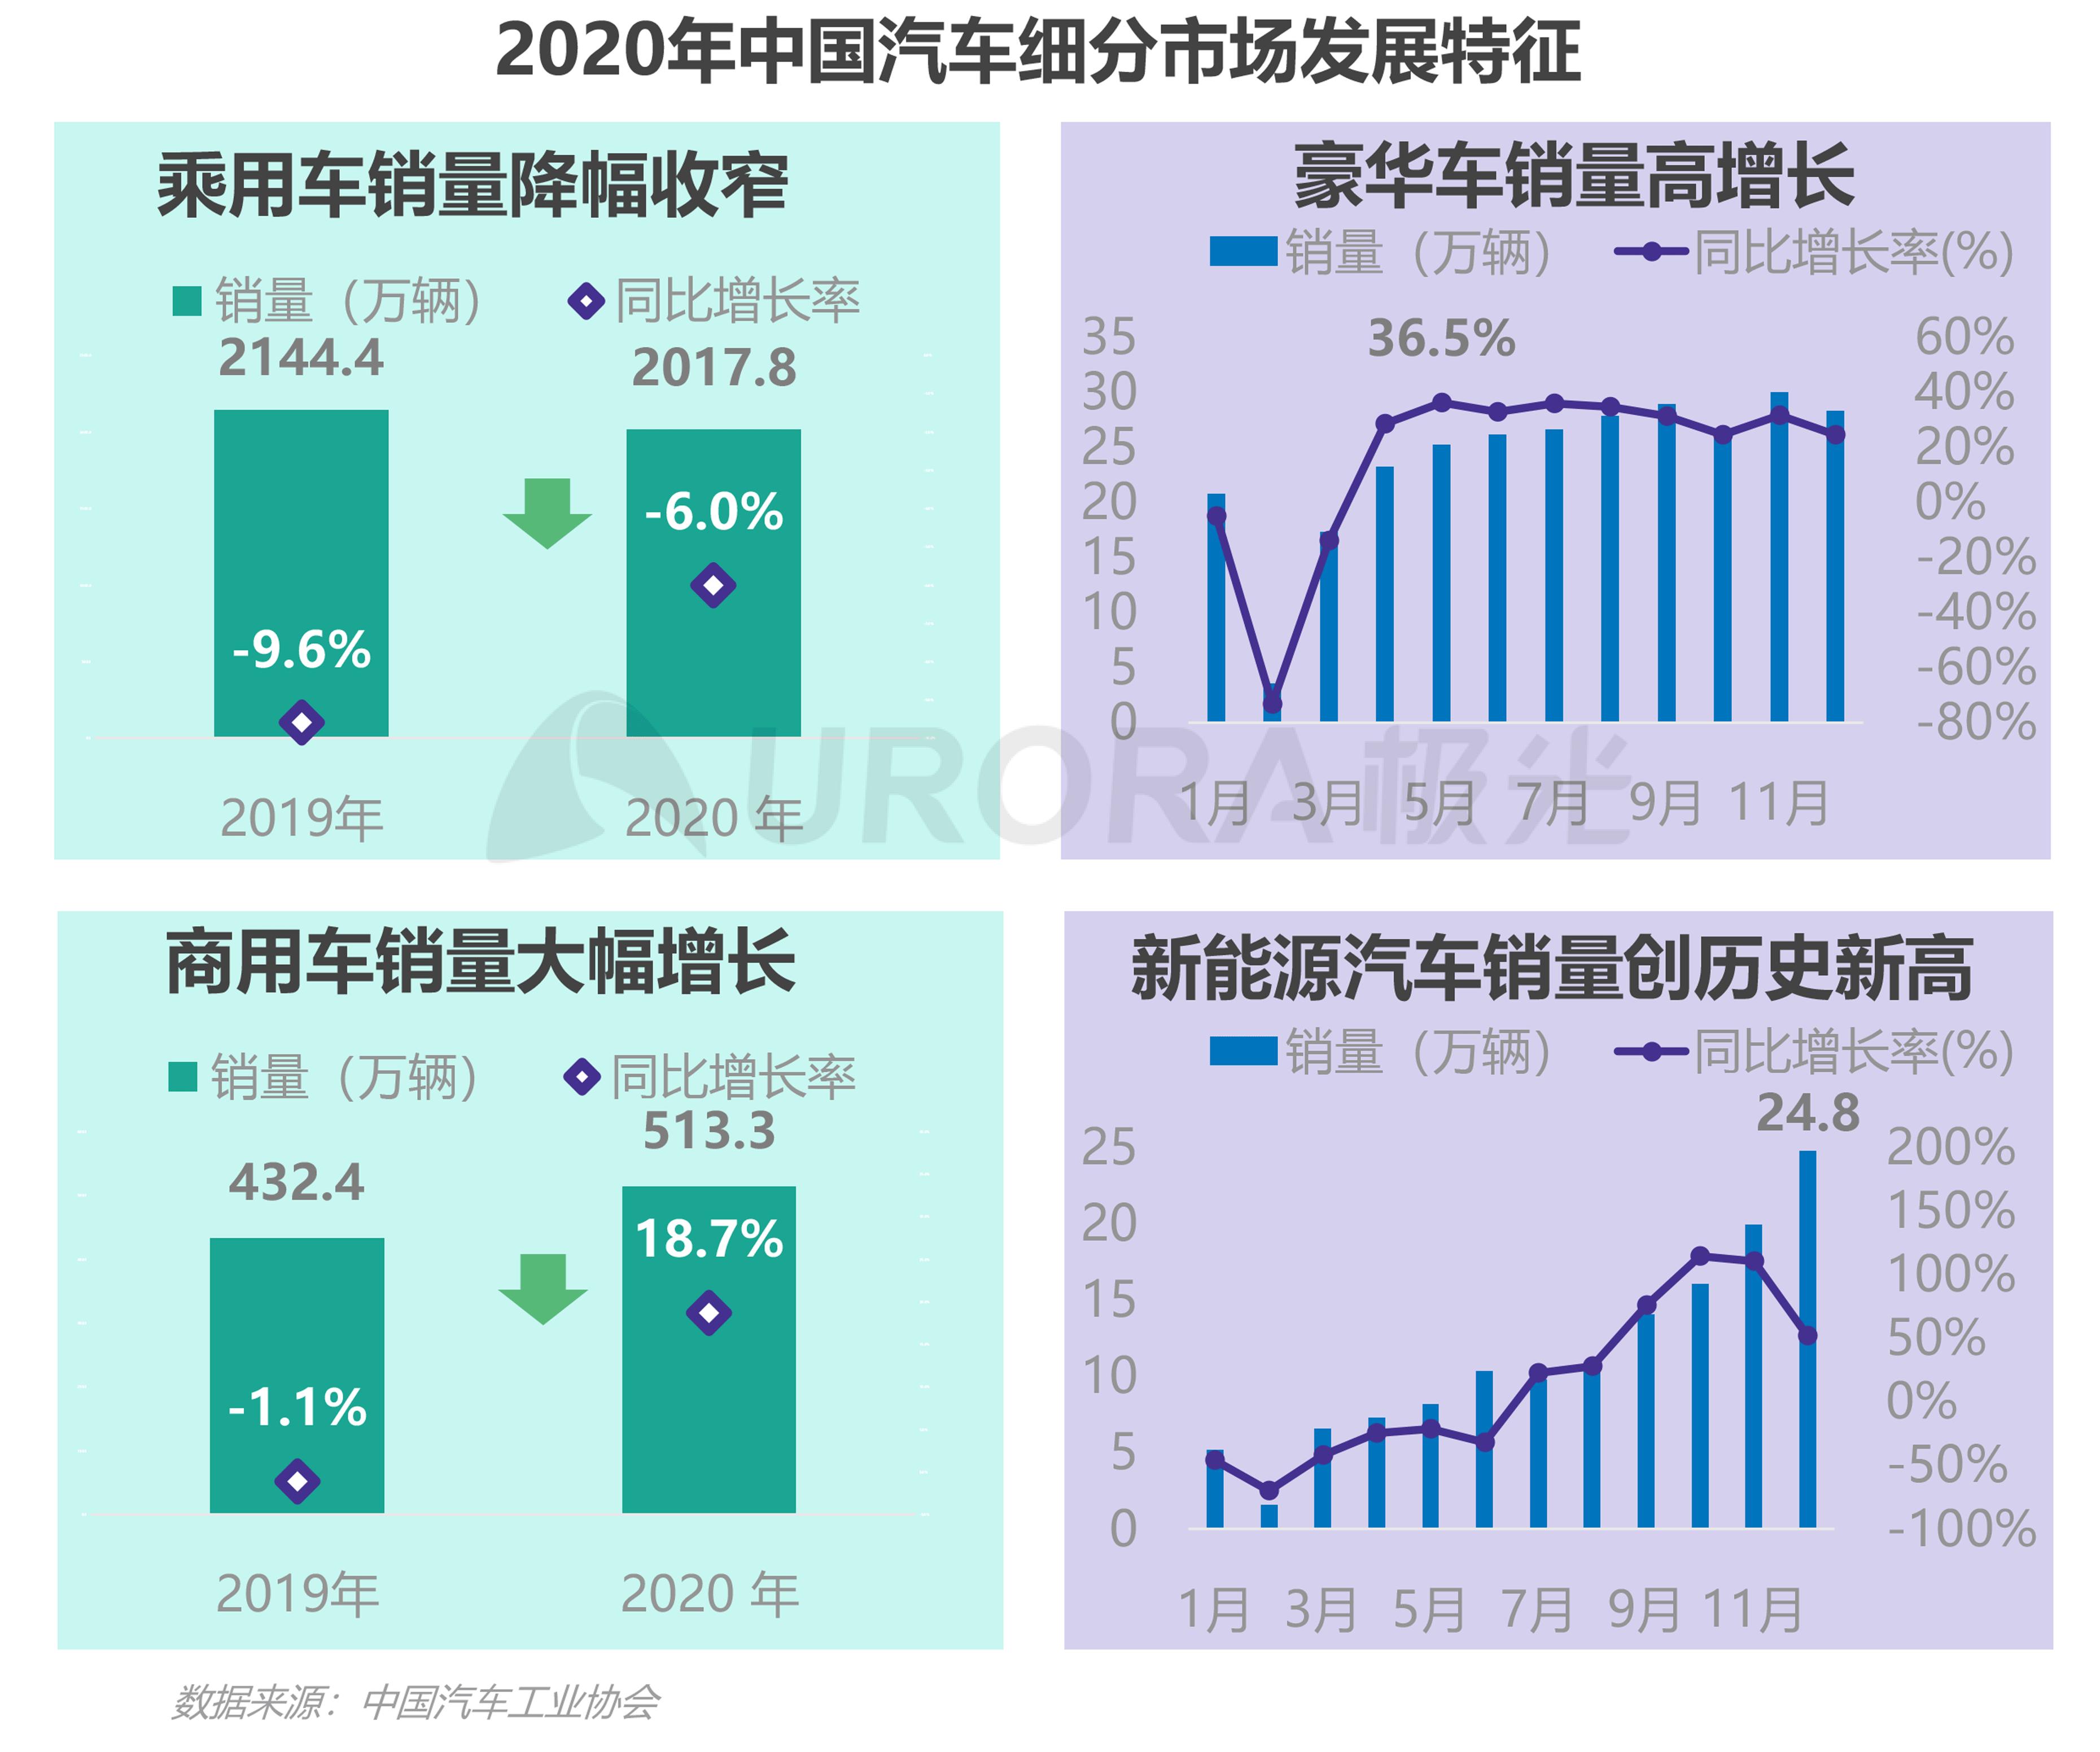 极光:汽车资讯行业洞察 (2).png